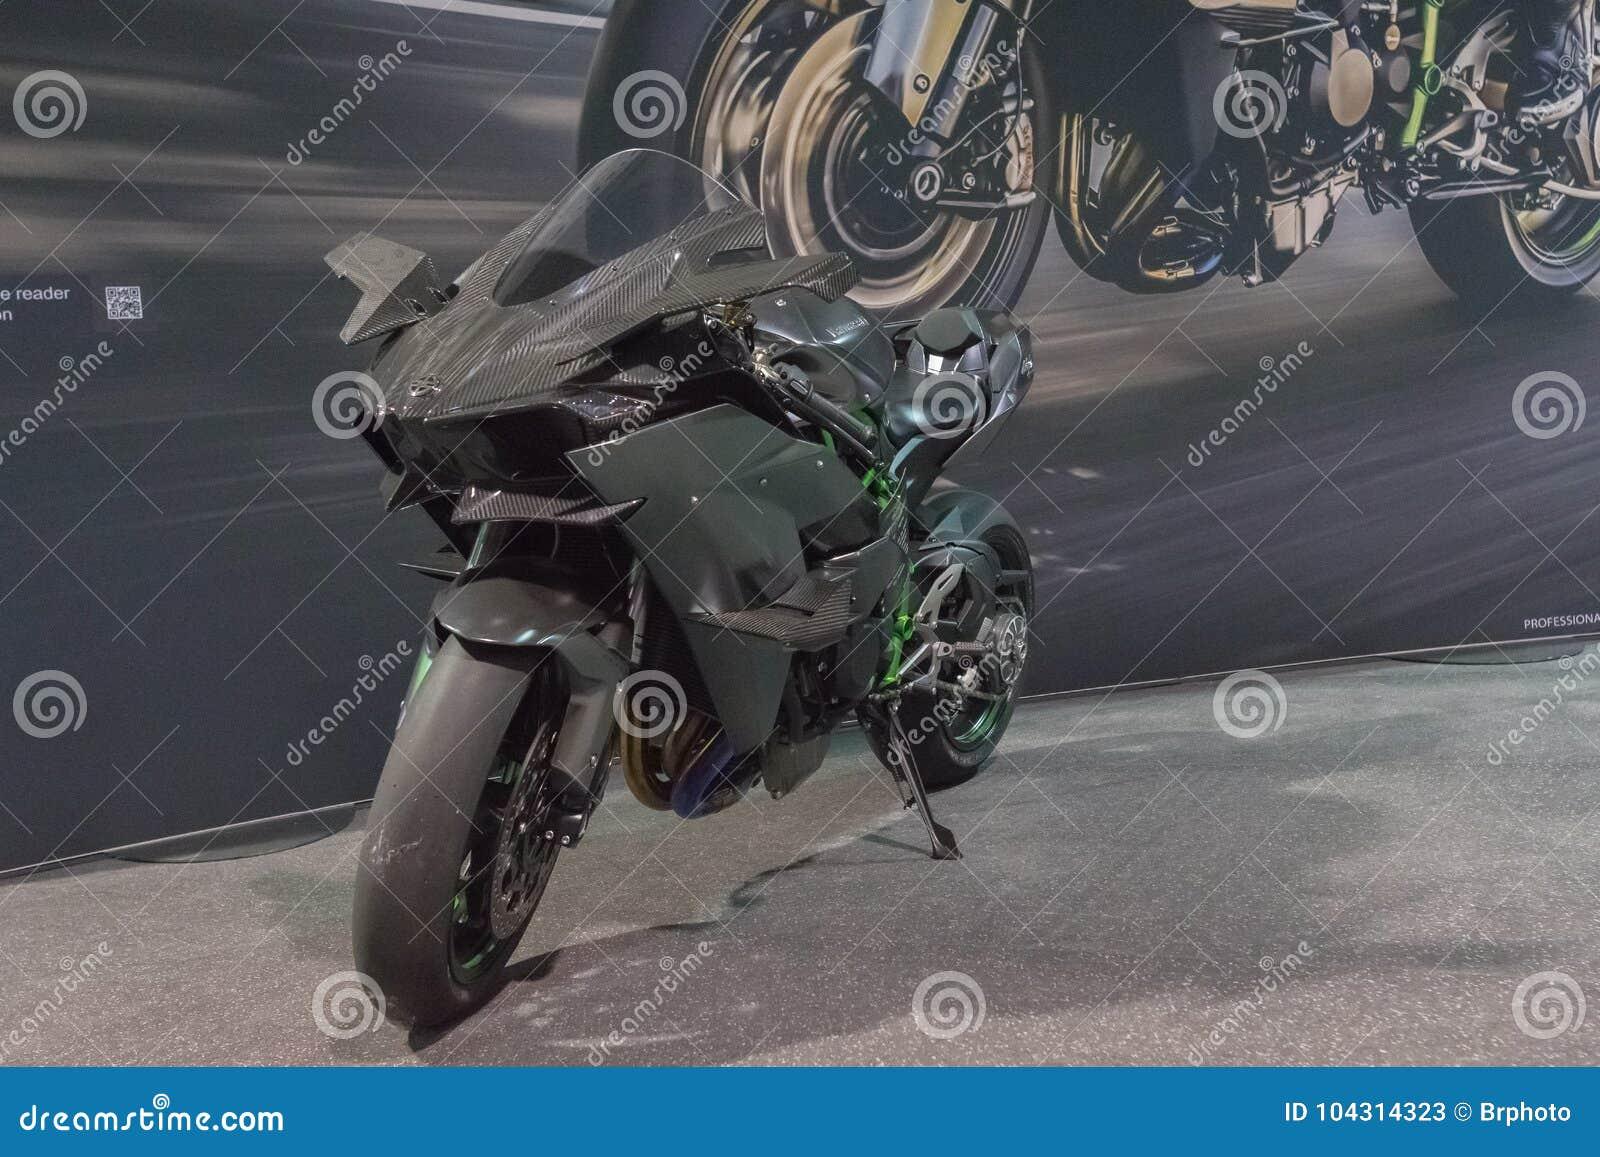 Kawasaki Ninja H2 On Display Editorial Stock Photo Image